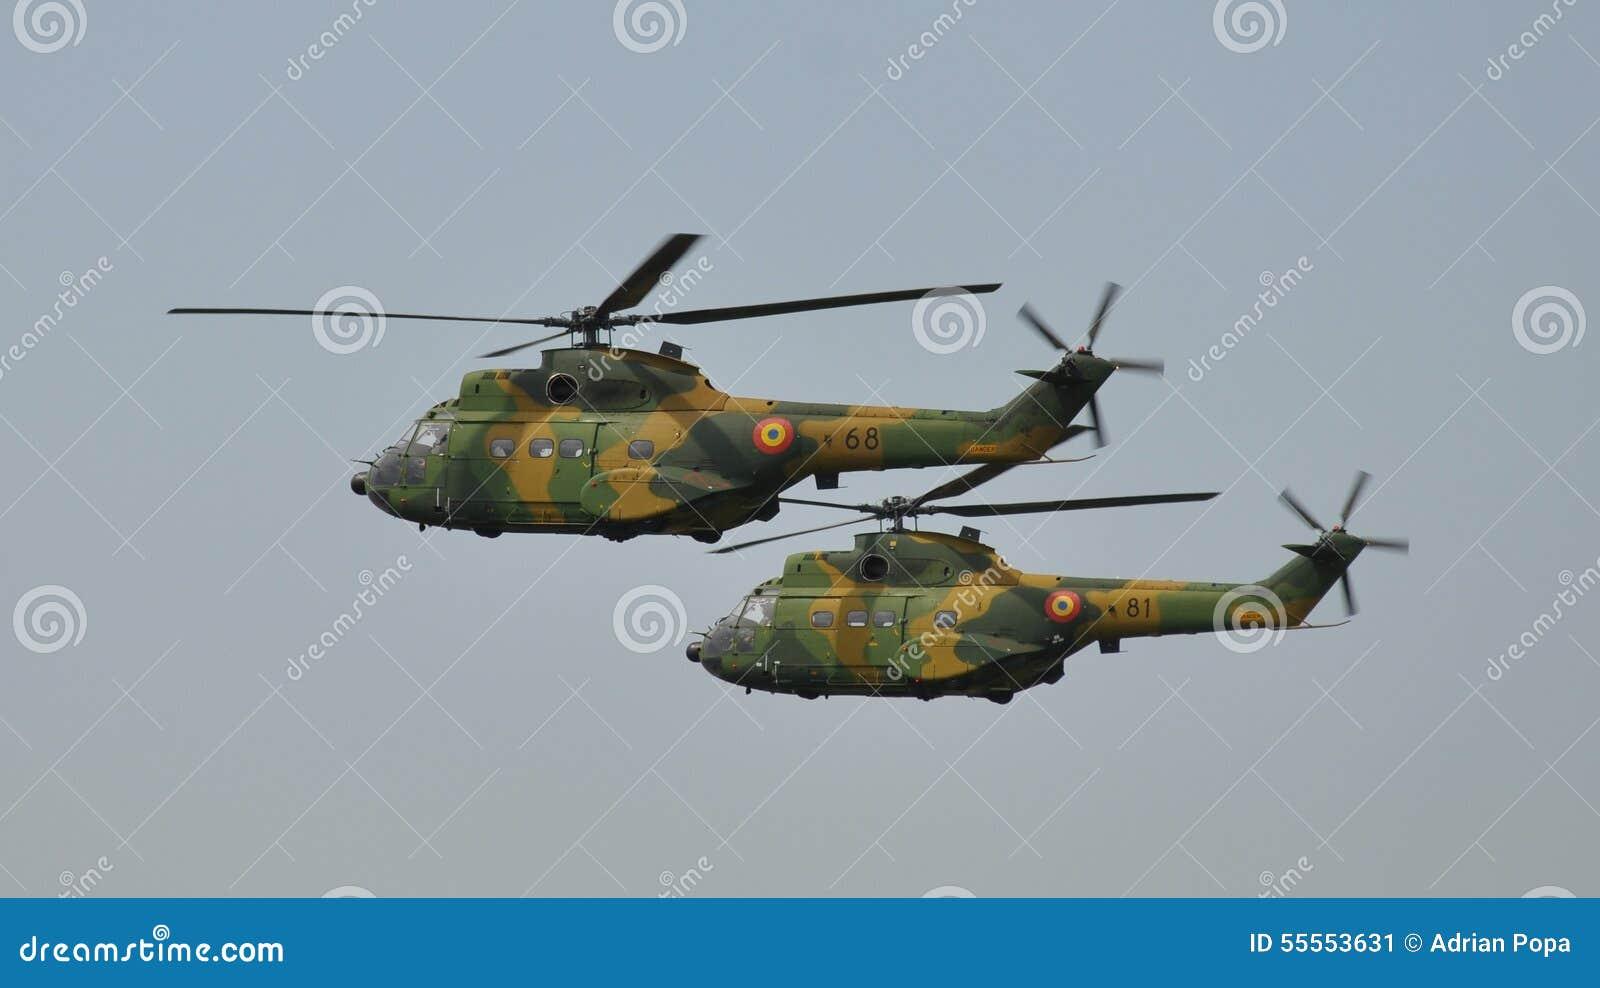 2bddaaa7ed Iar-330 Puma εκδοτική εικόνες. εικόνα από προκατειλημμένη - 55553631